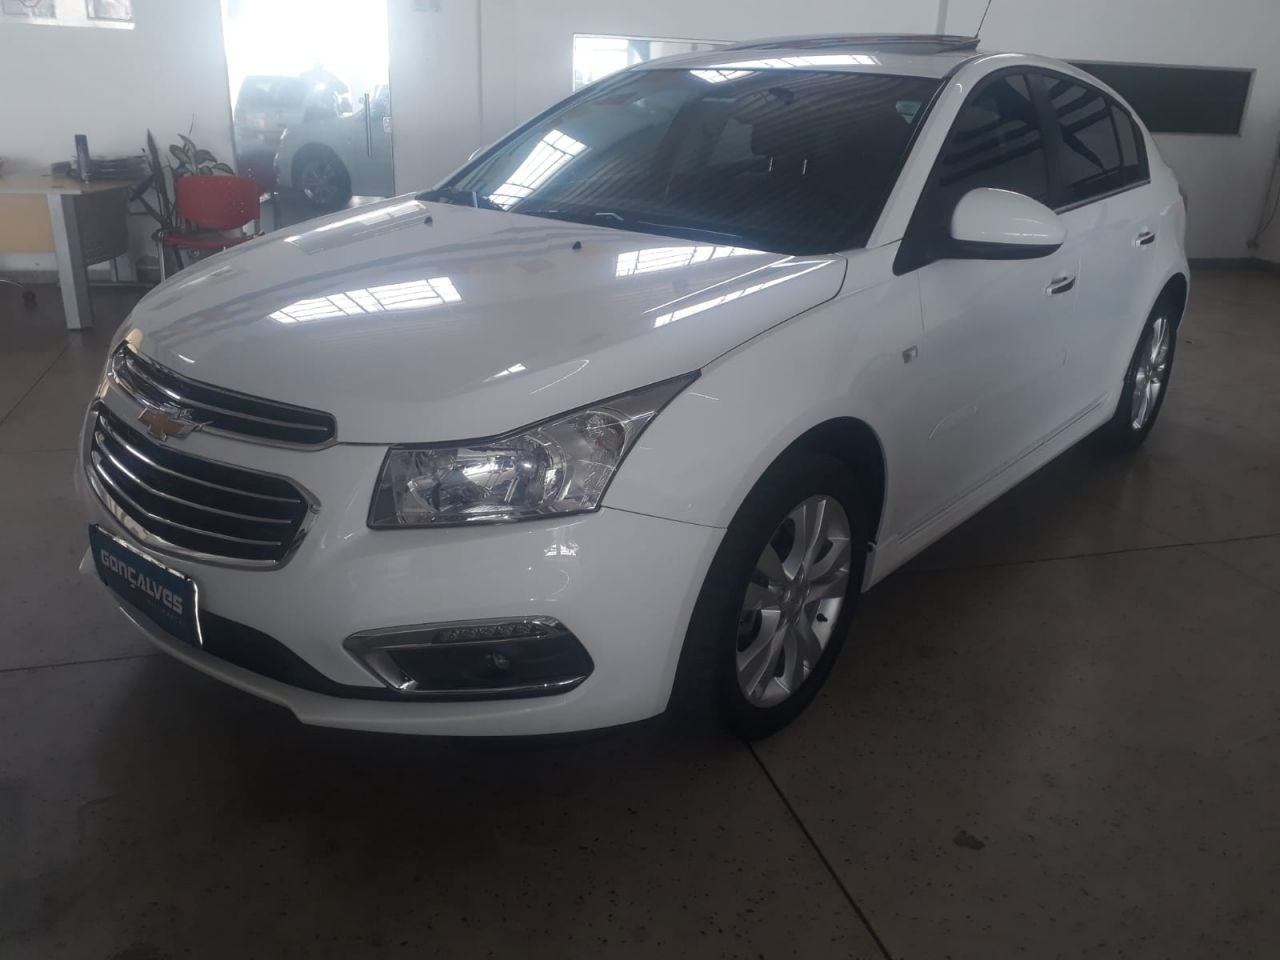 //www.autoline.com.br/carro/chevrolet/cruze-18-hatch-sport-ltz-16v-flex-4p-automatico/2016/piracicaba-sp/15679243